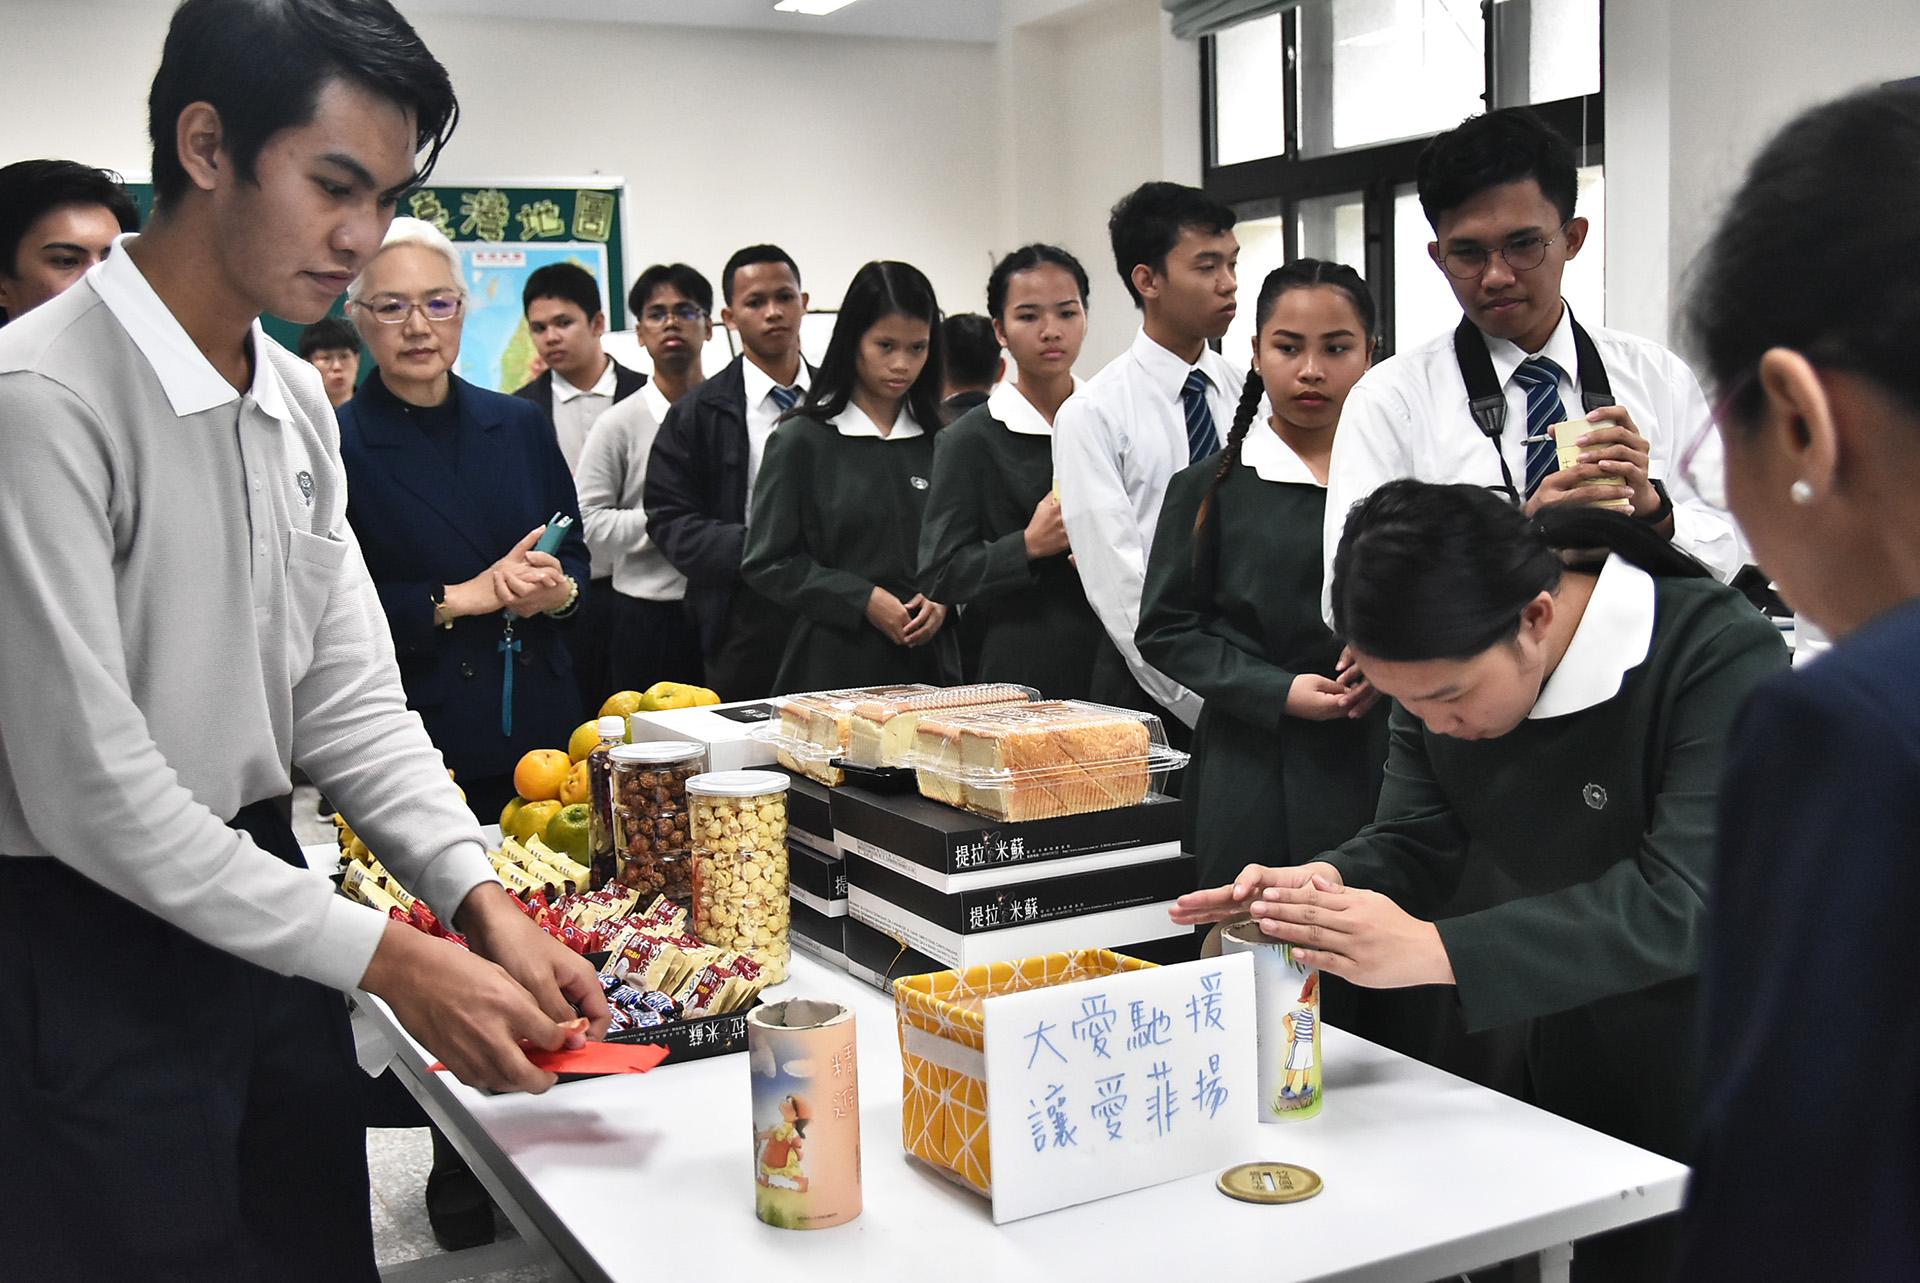 慈濟科技大學菲律賓專班學生把獎金全部捐給家鄉。